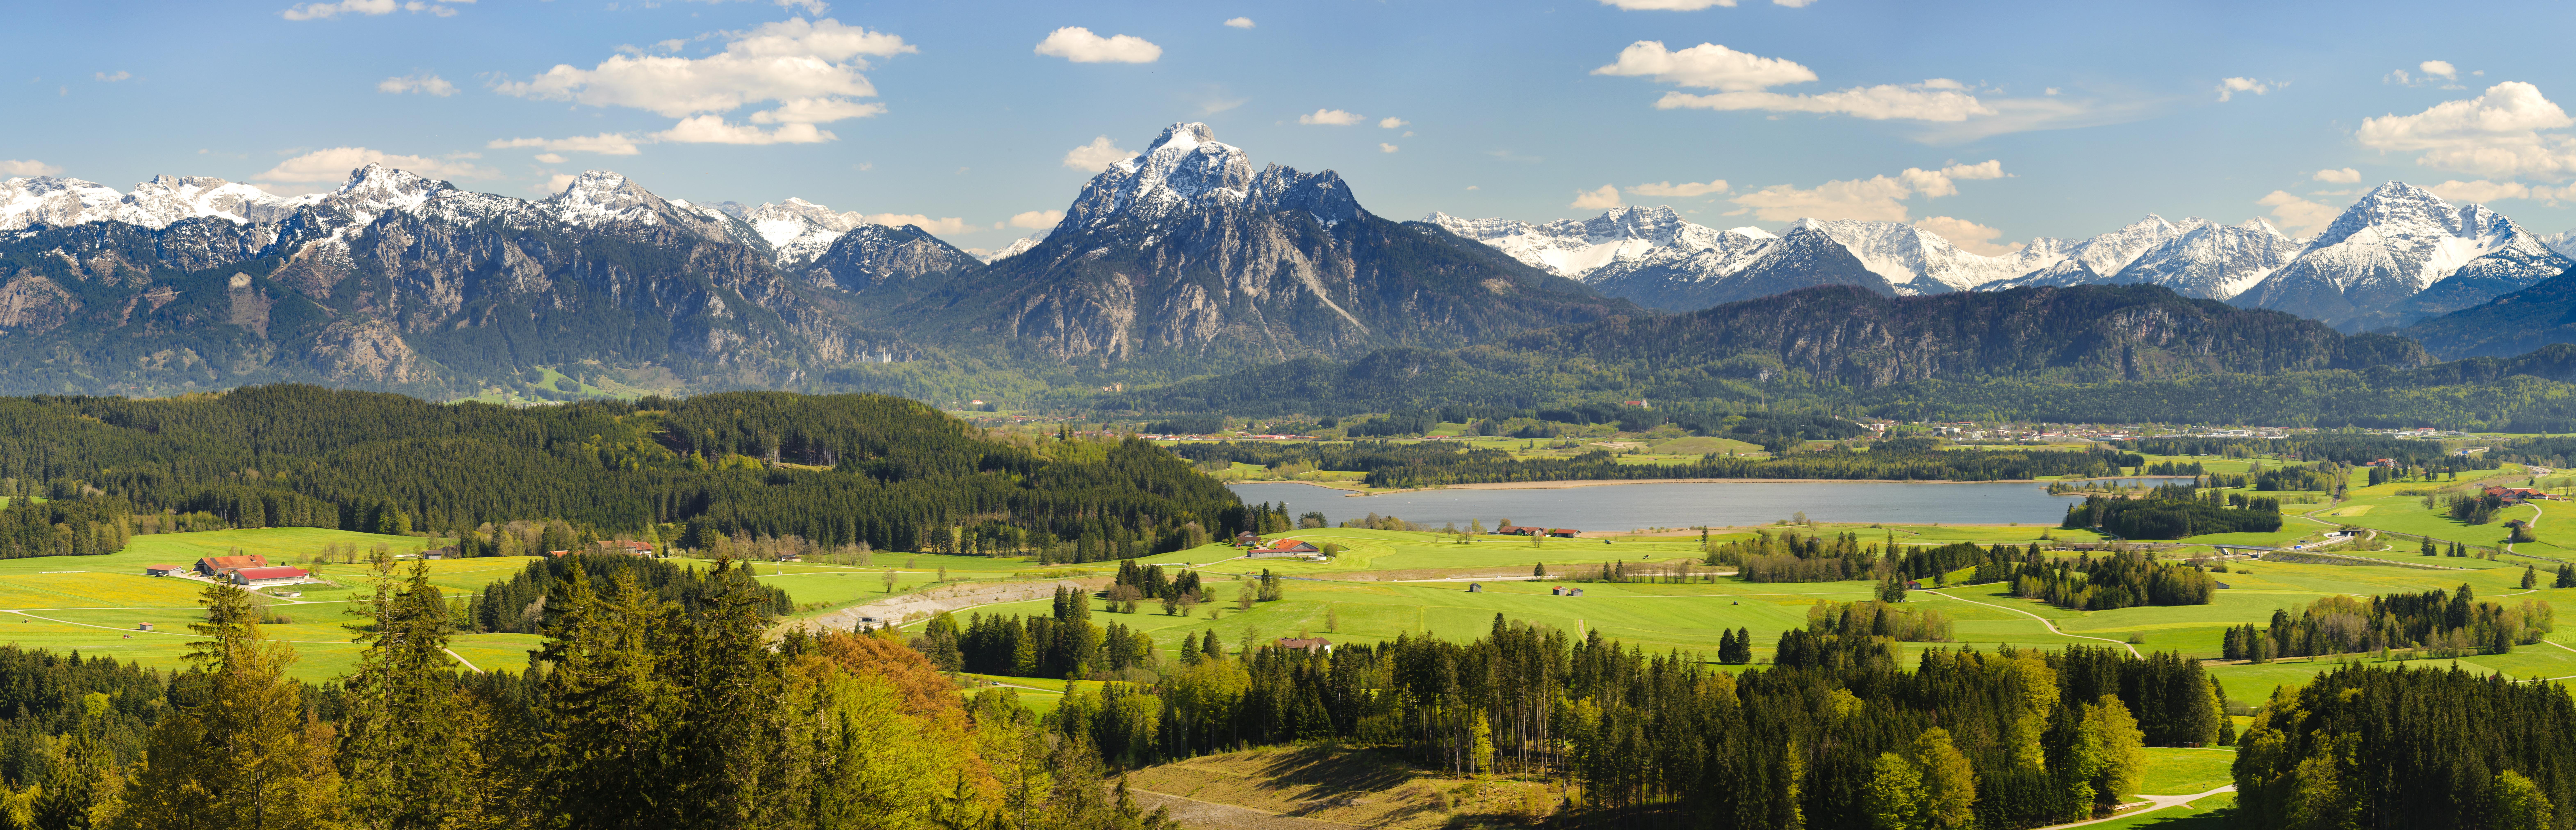 Landschaft in Bayern mit Hopfensee im Allgäu und der Bergkette der Alpen mit Berg Säuling vor Füssen